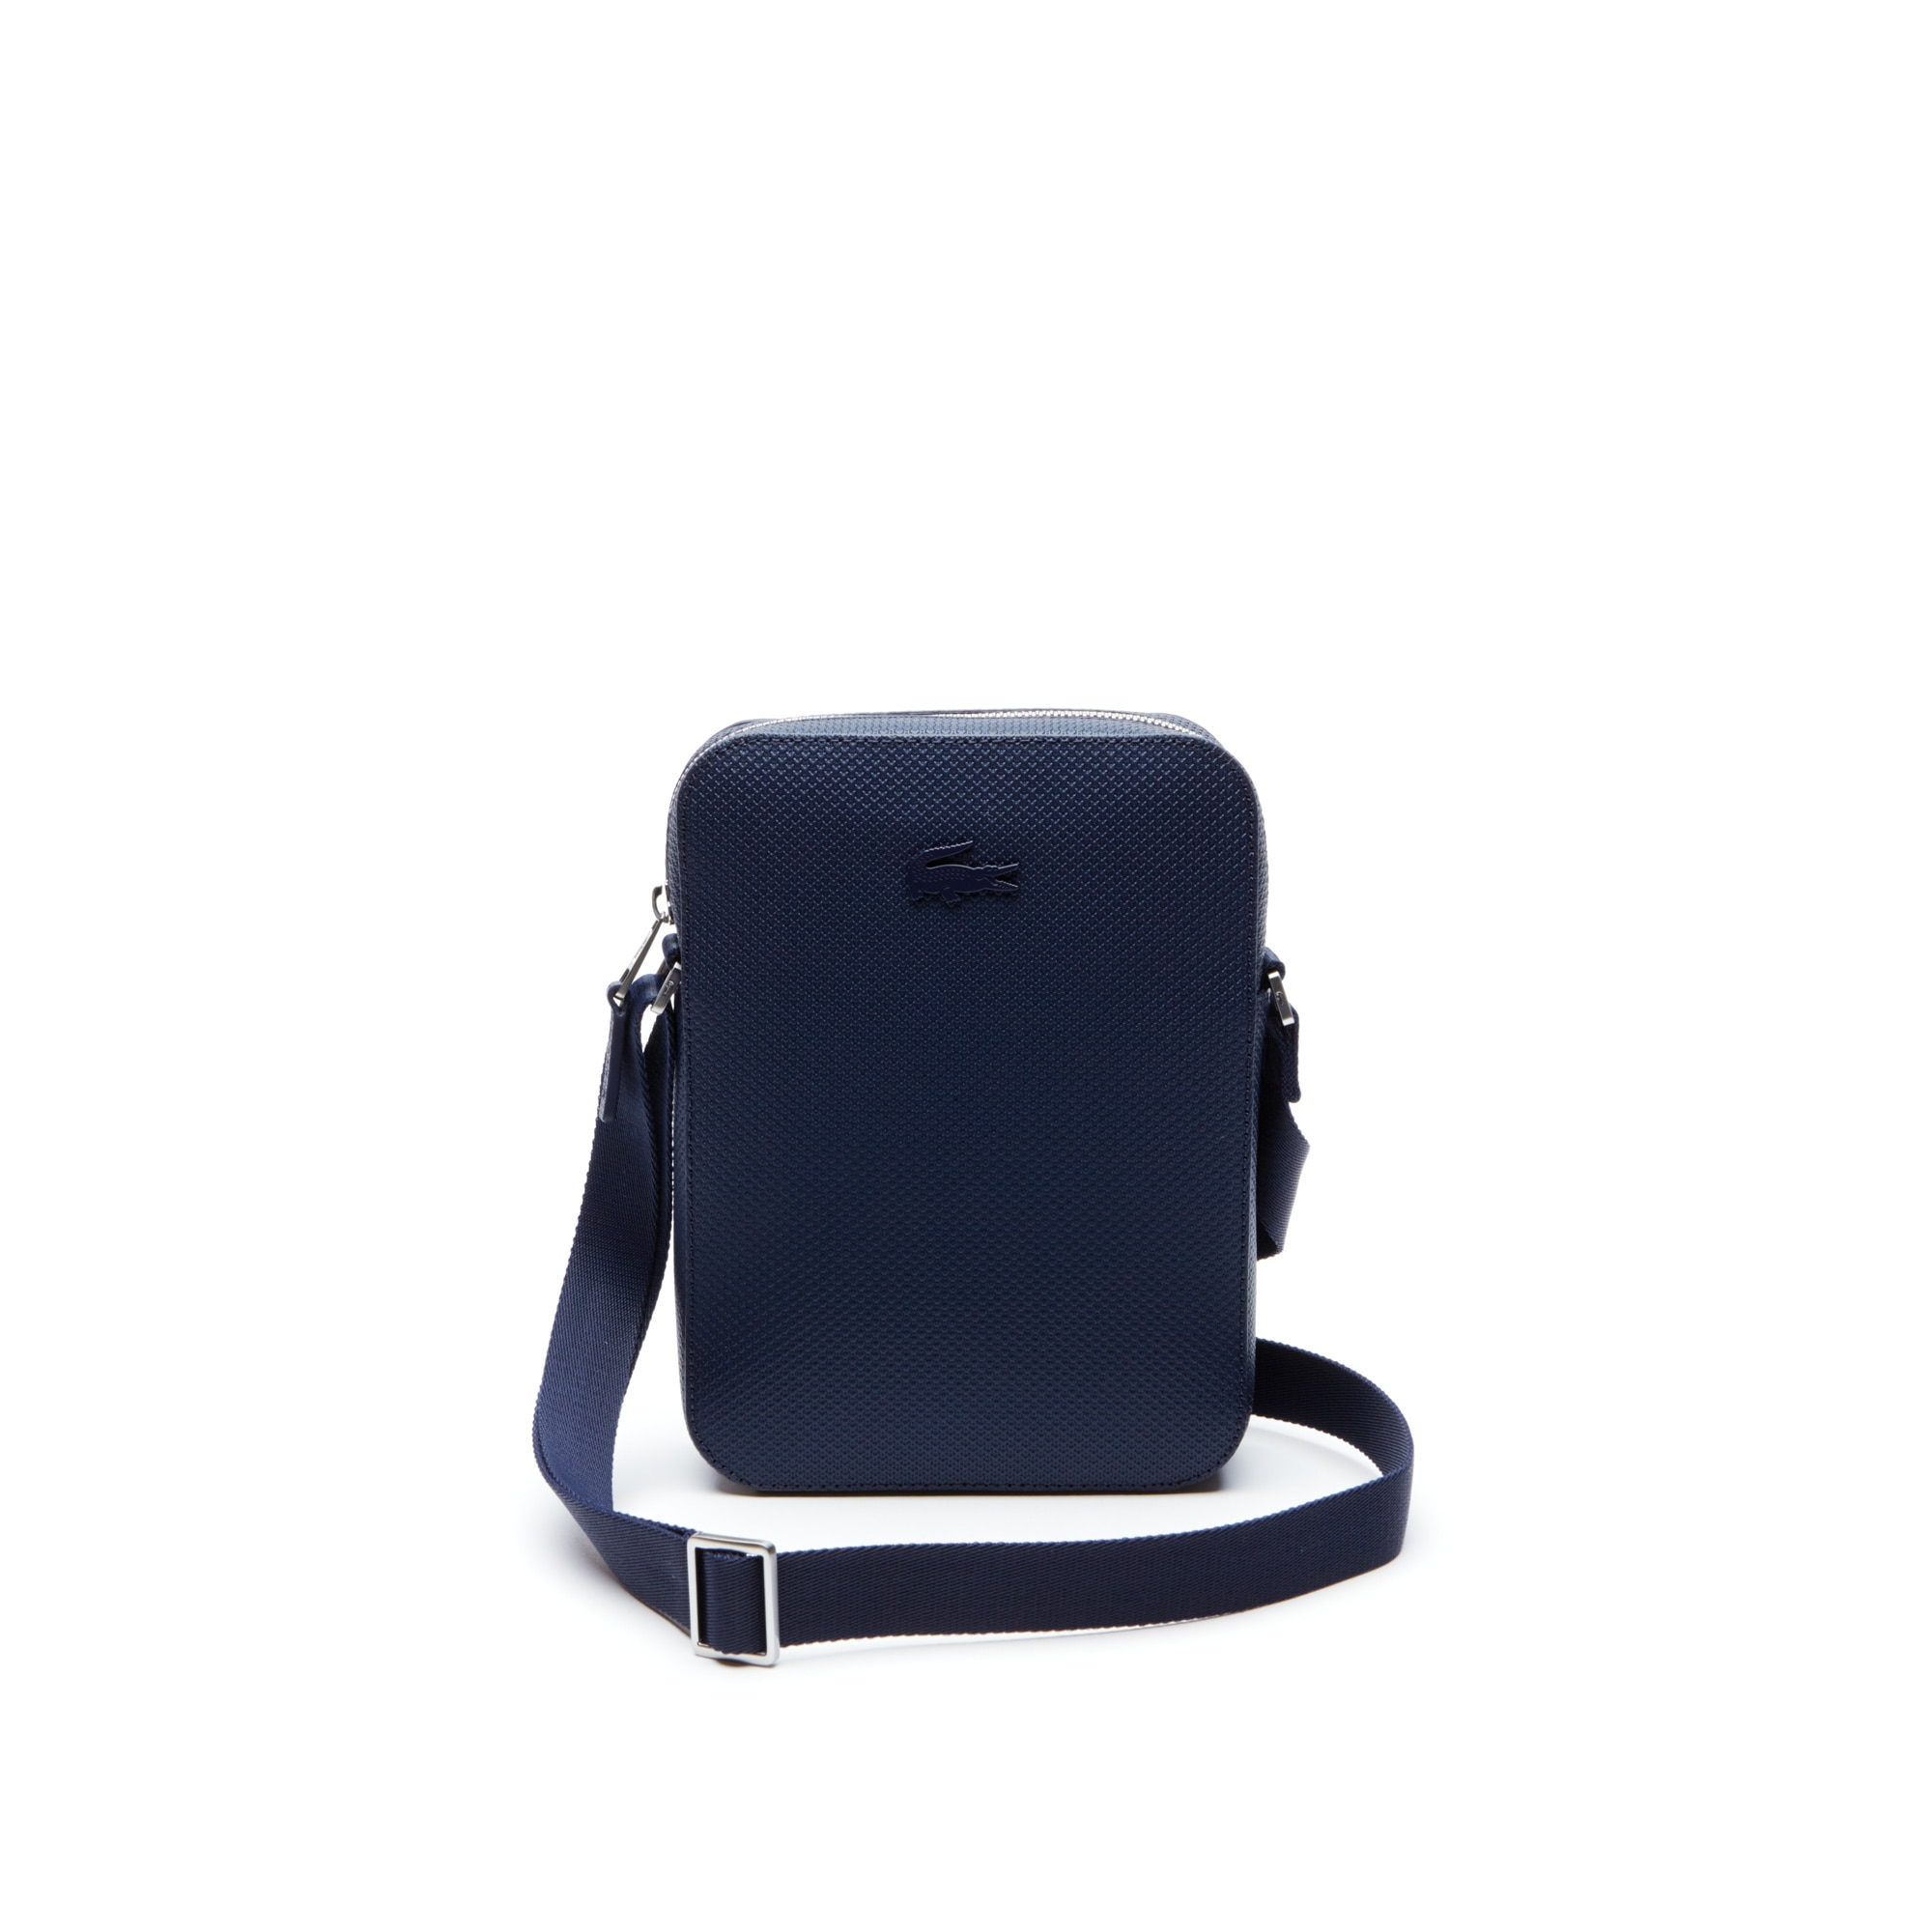 Men's Chantaco Vertical Matte Piqué Leather Bag